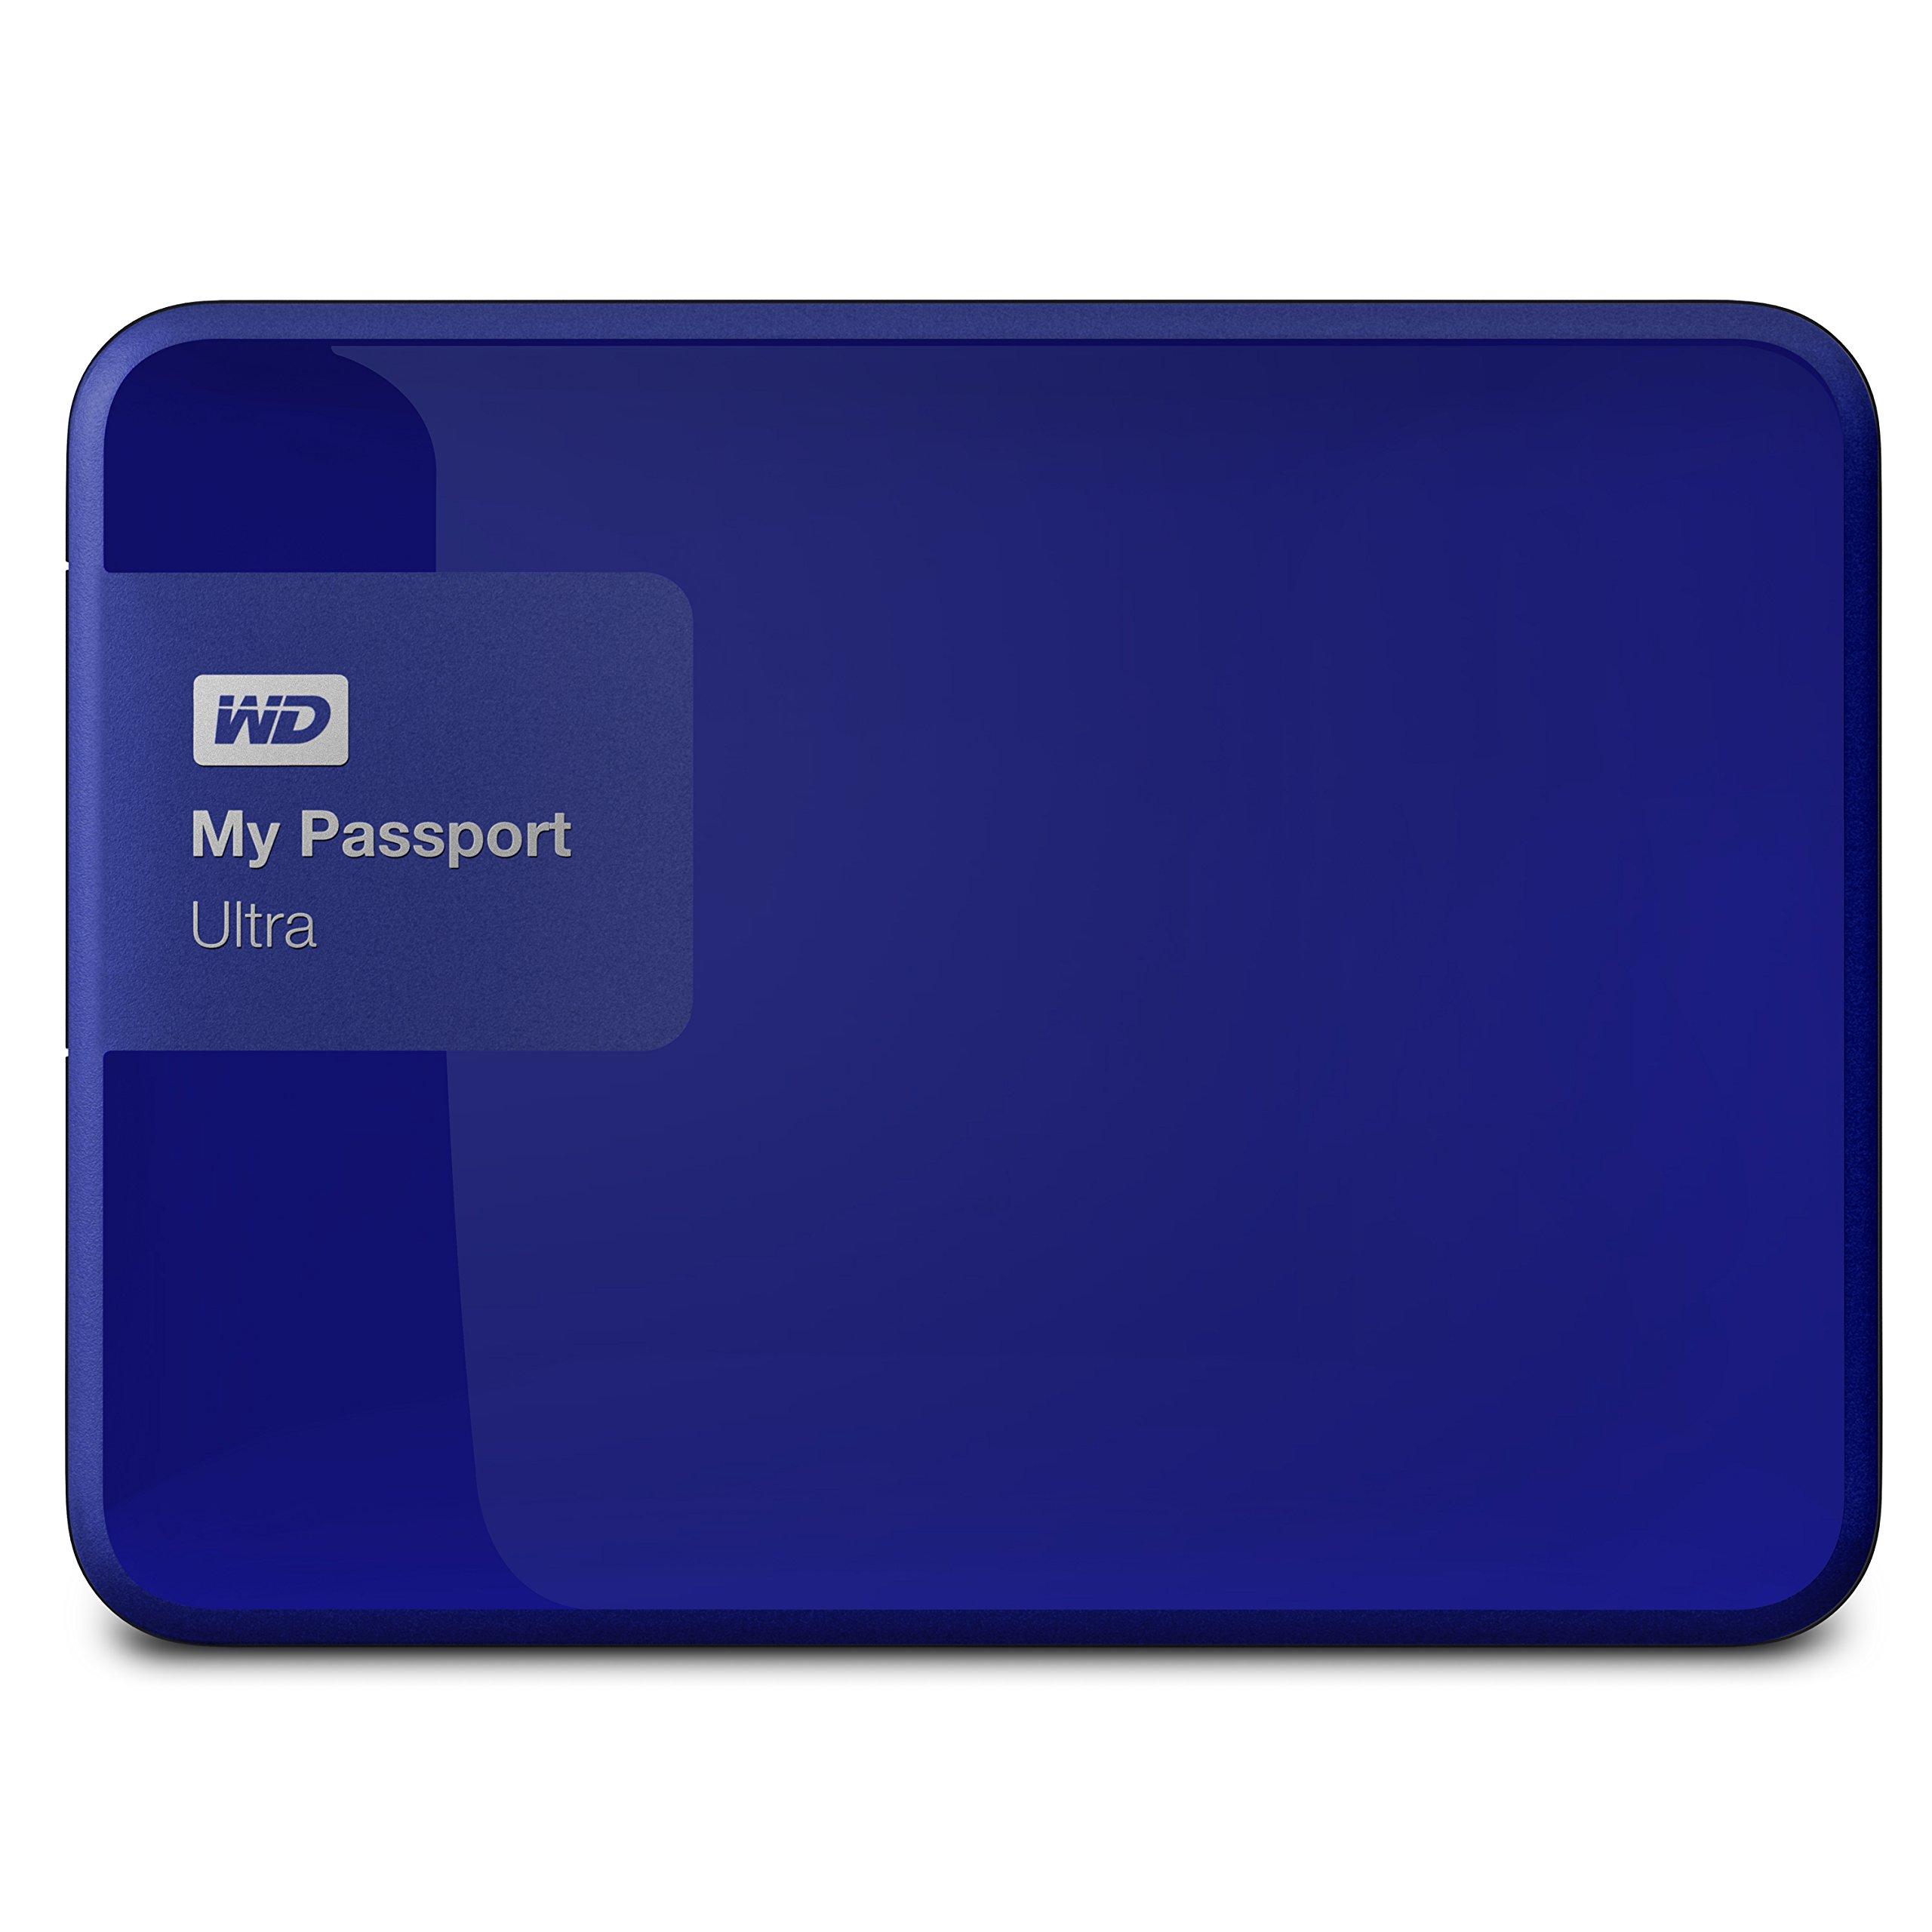 웨스턴 디지털 WD 마이 패스포트 울트라 포터블 외장하드 1TB, 2TB - 4 컬러 Western Digital 1TB My Passport Ultra USB 3.0 Secure Portable External Hard Drive